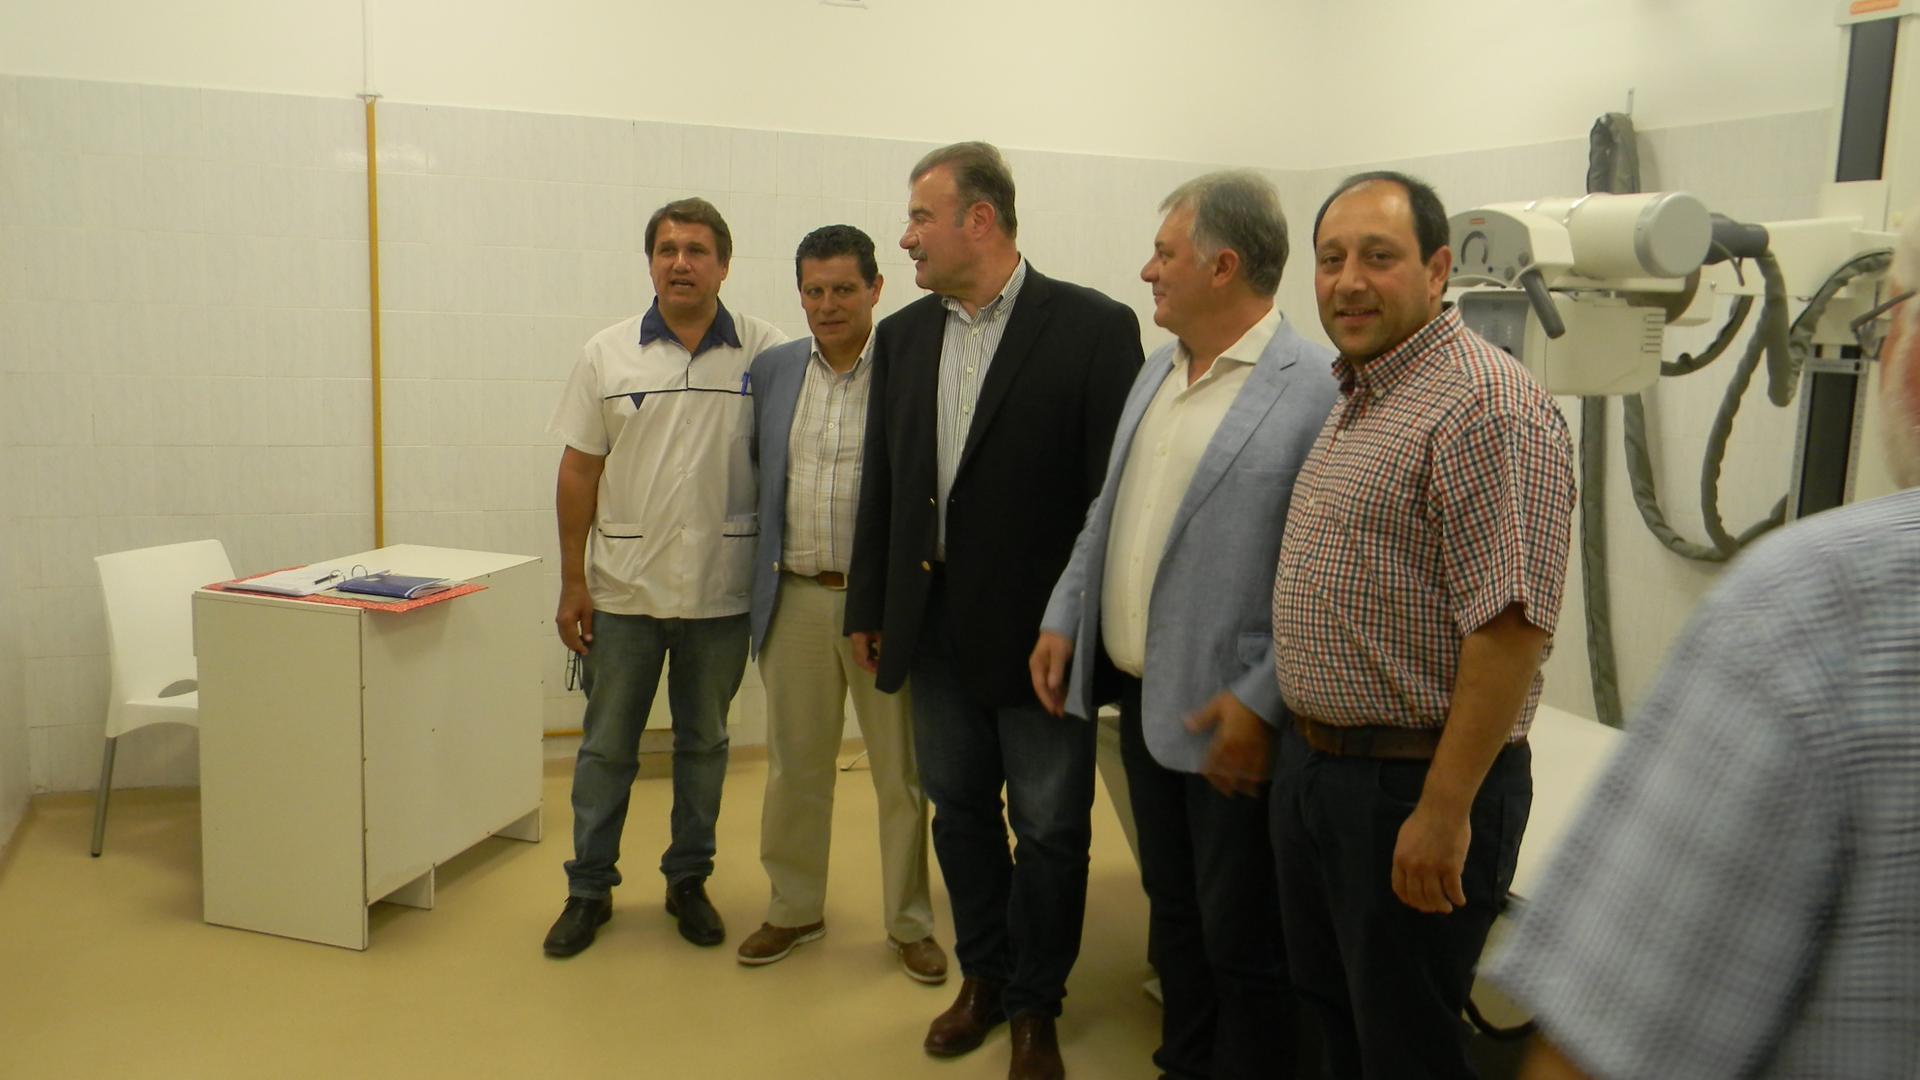 El ministro de Salud y el intendente inauguraron ampliación del Hospital